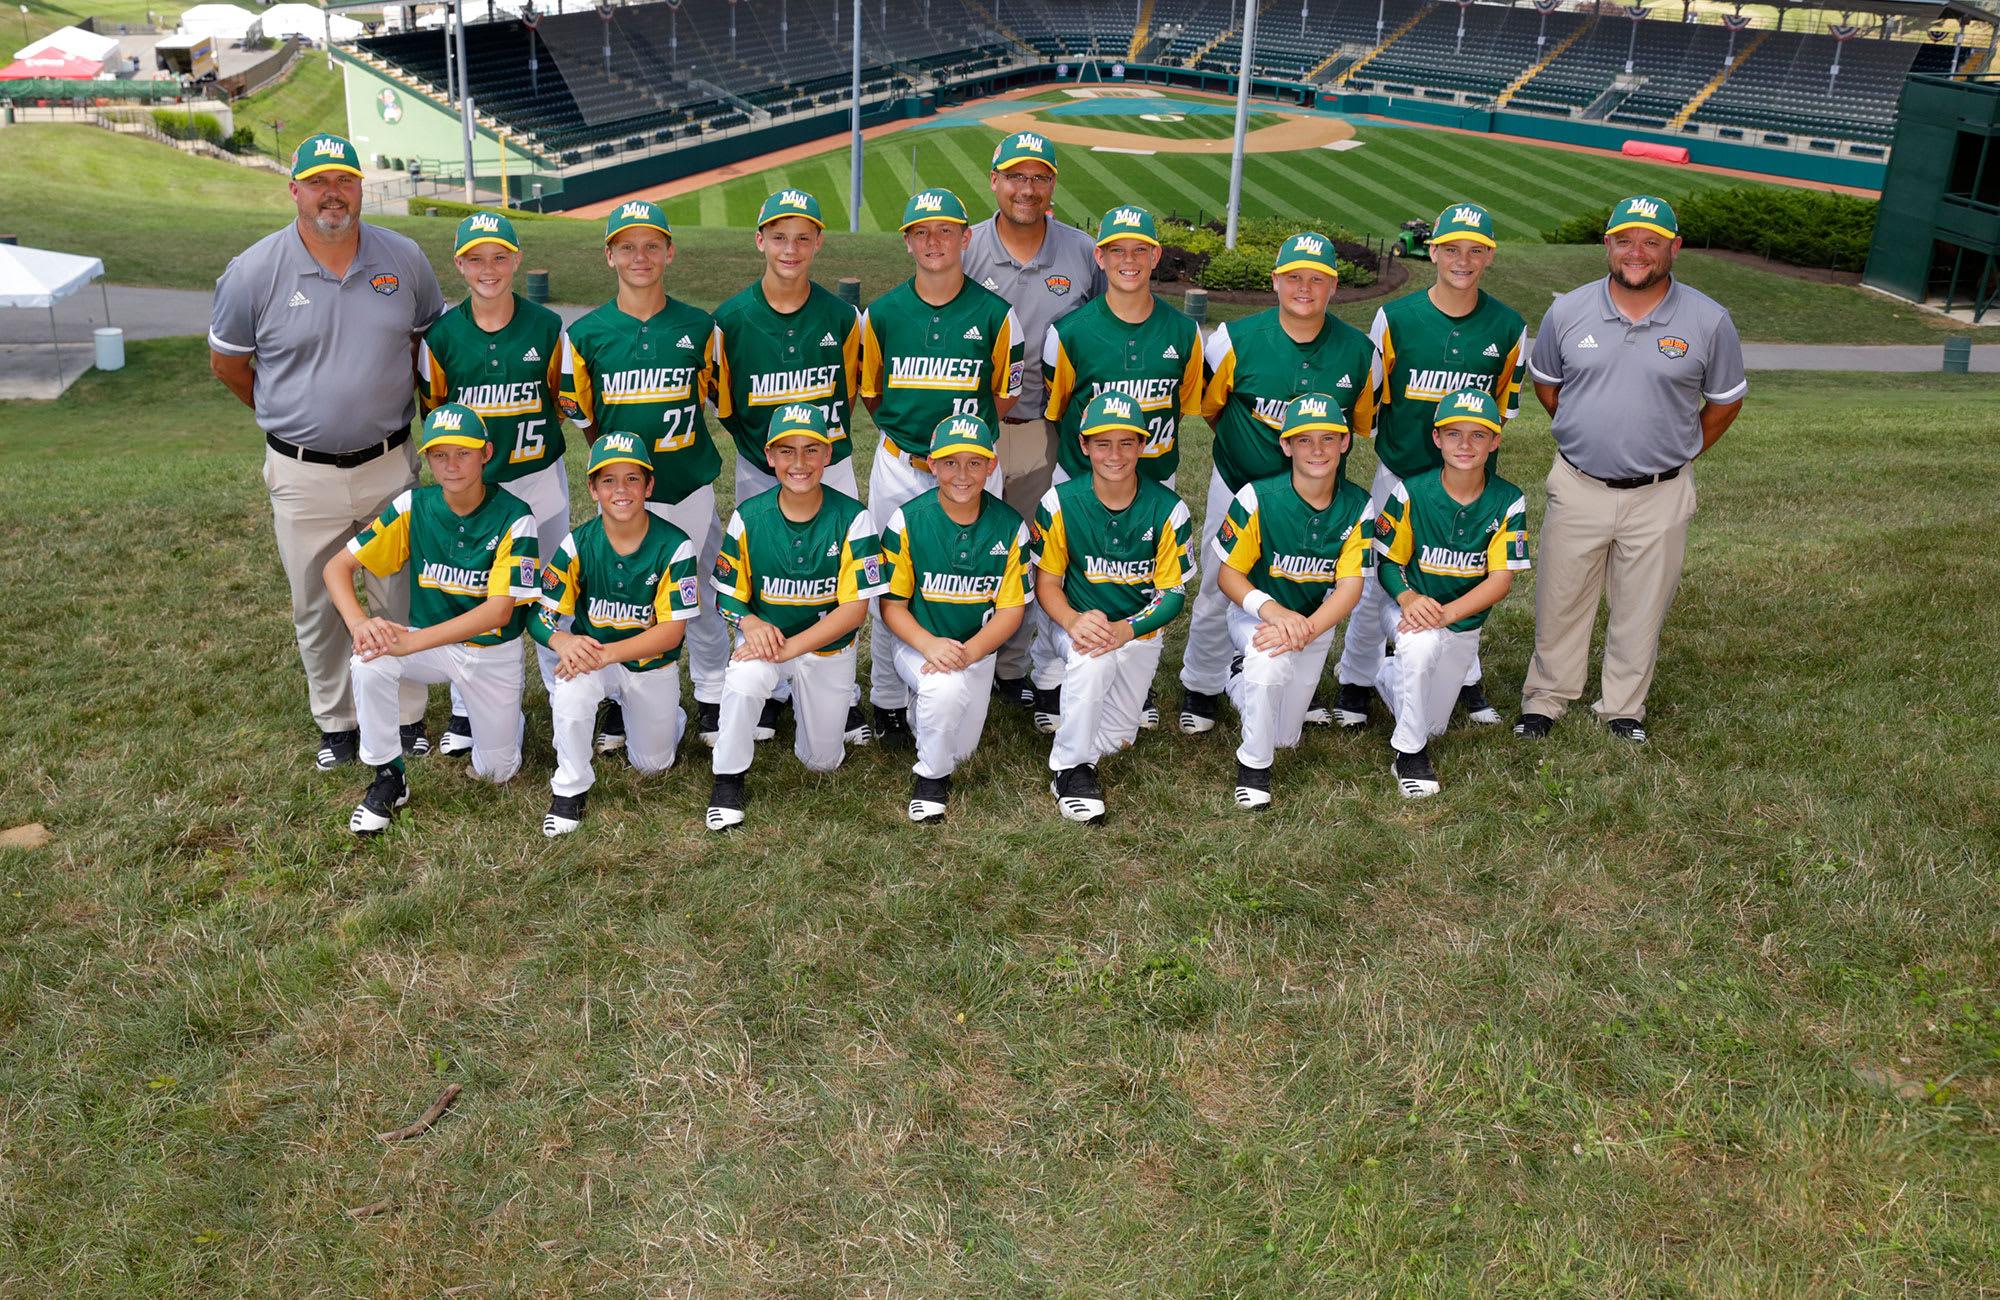 llbws Midwest team